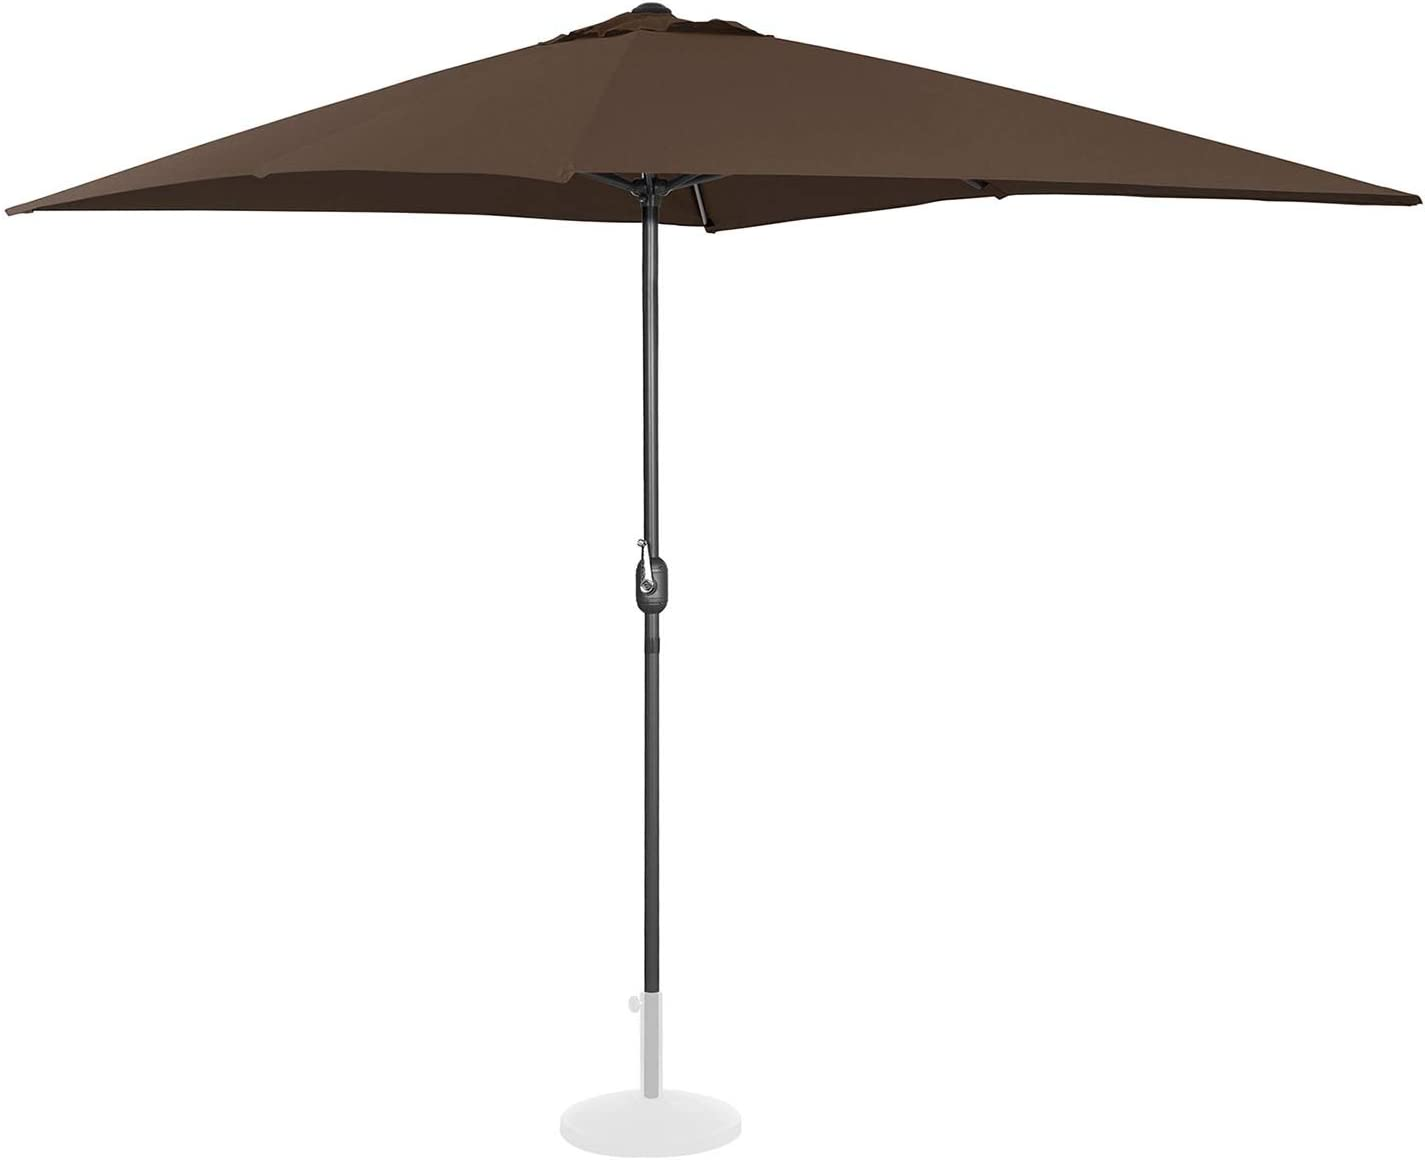 Uniprodo Ombrellone da Esterno Ombrello da Giardino Uni/_Umbrella/_SQ2030OR Arancione, Rettangolare, 200 x 300 cm, 180 g//m2